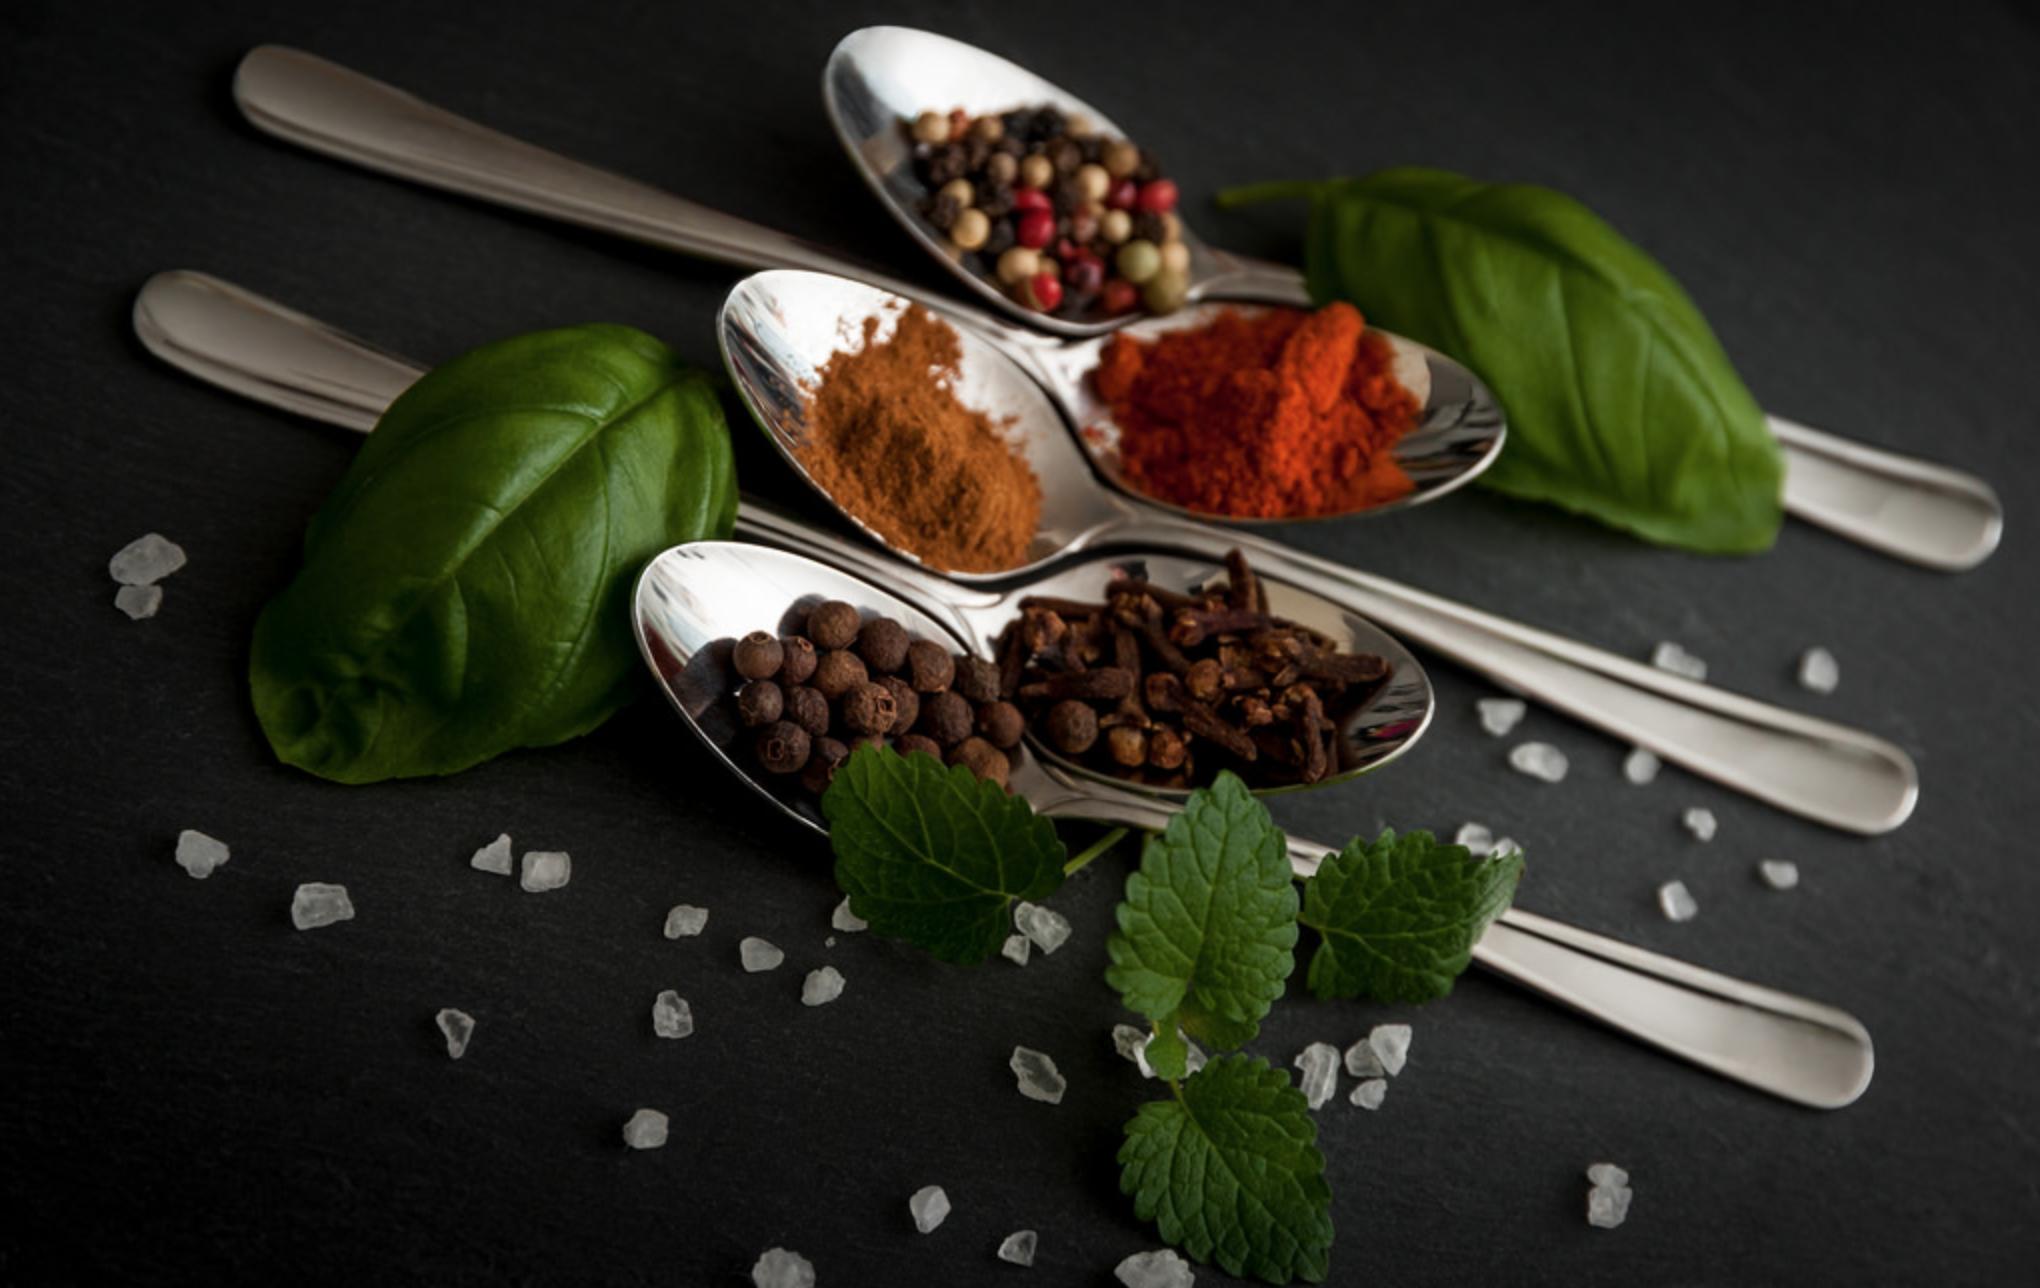 Novo-restuarant-spices-website-melody-shirazi.jpeg